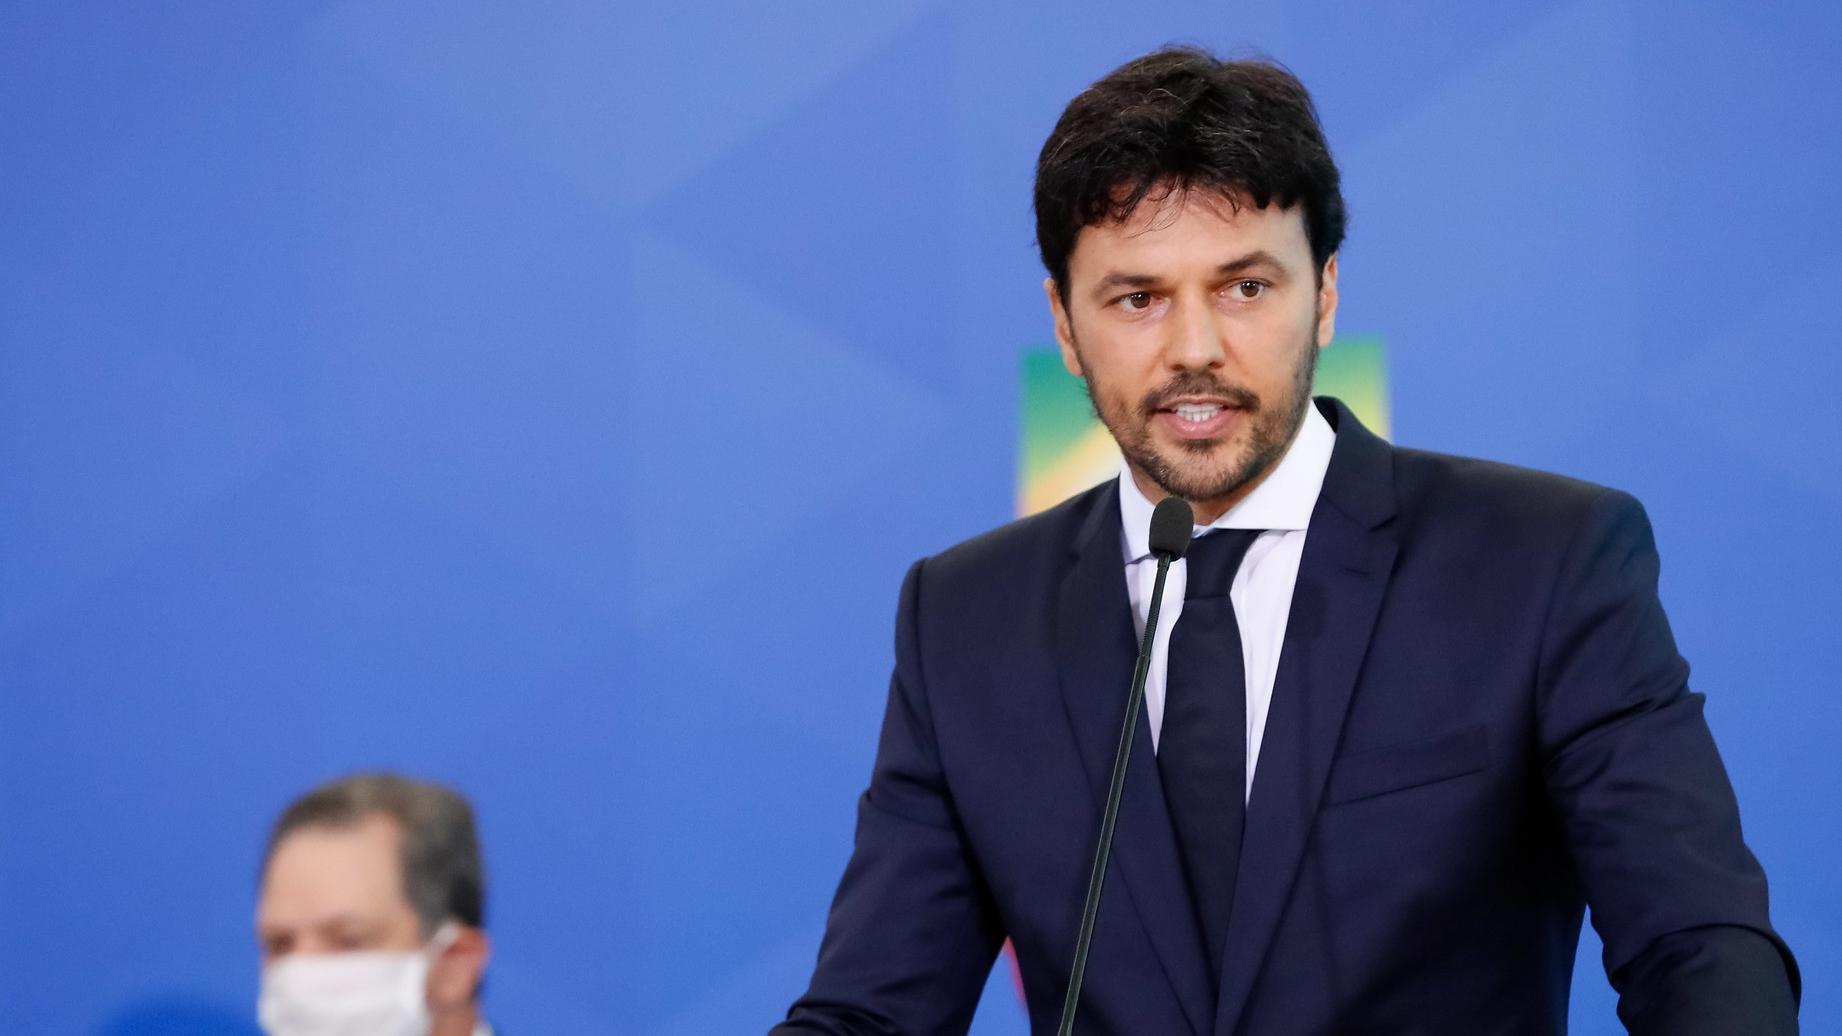 Previsão para leilão 5G é entre abril e maio de 2021, diz ministro Fábio  Faria - ISTOÉ Independente